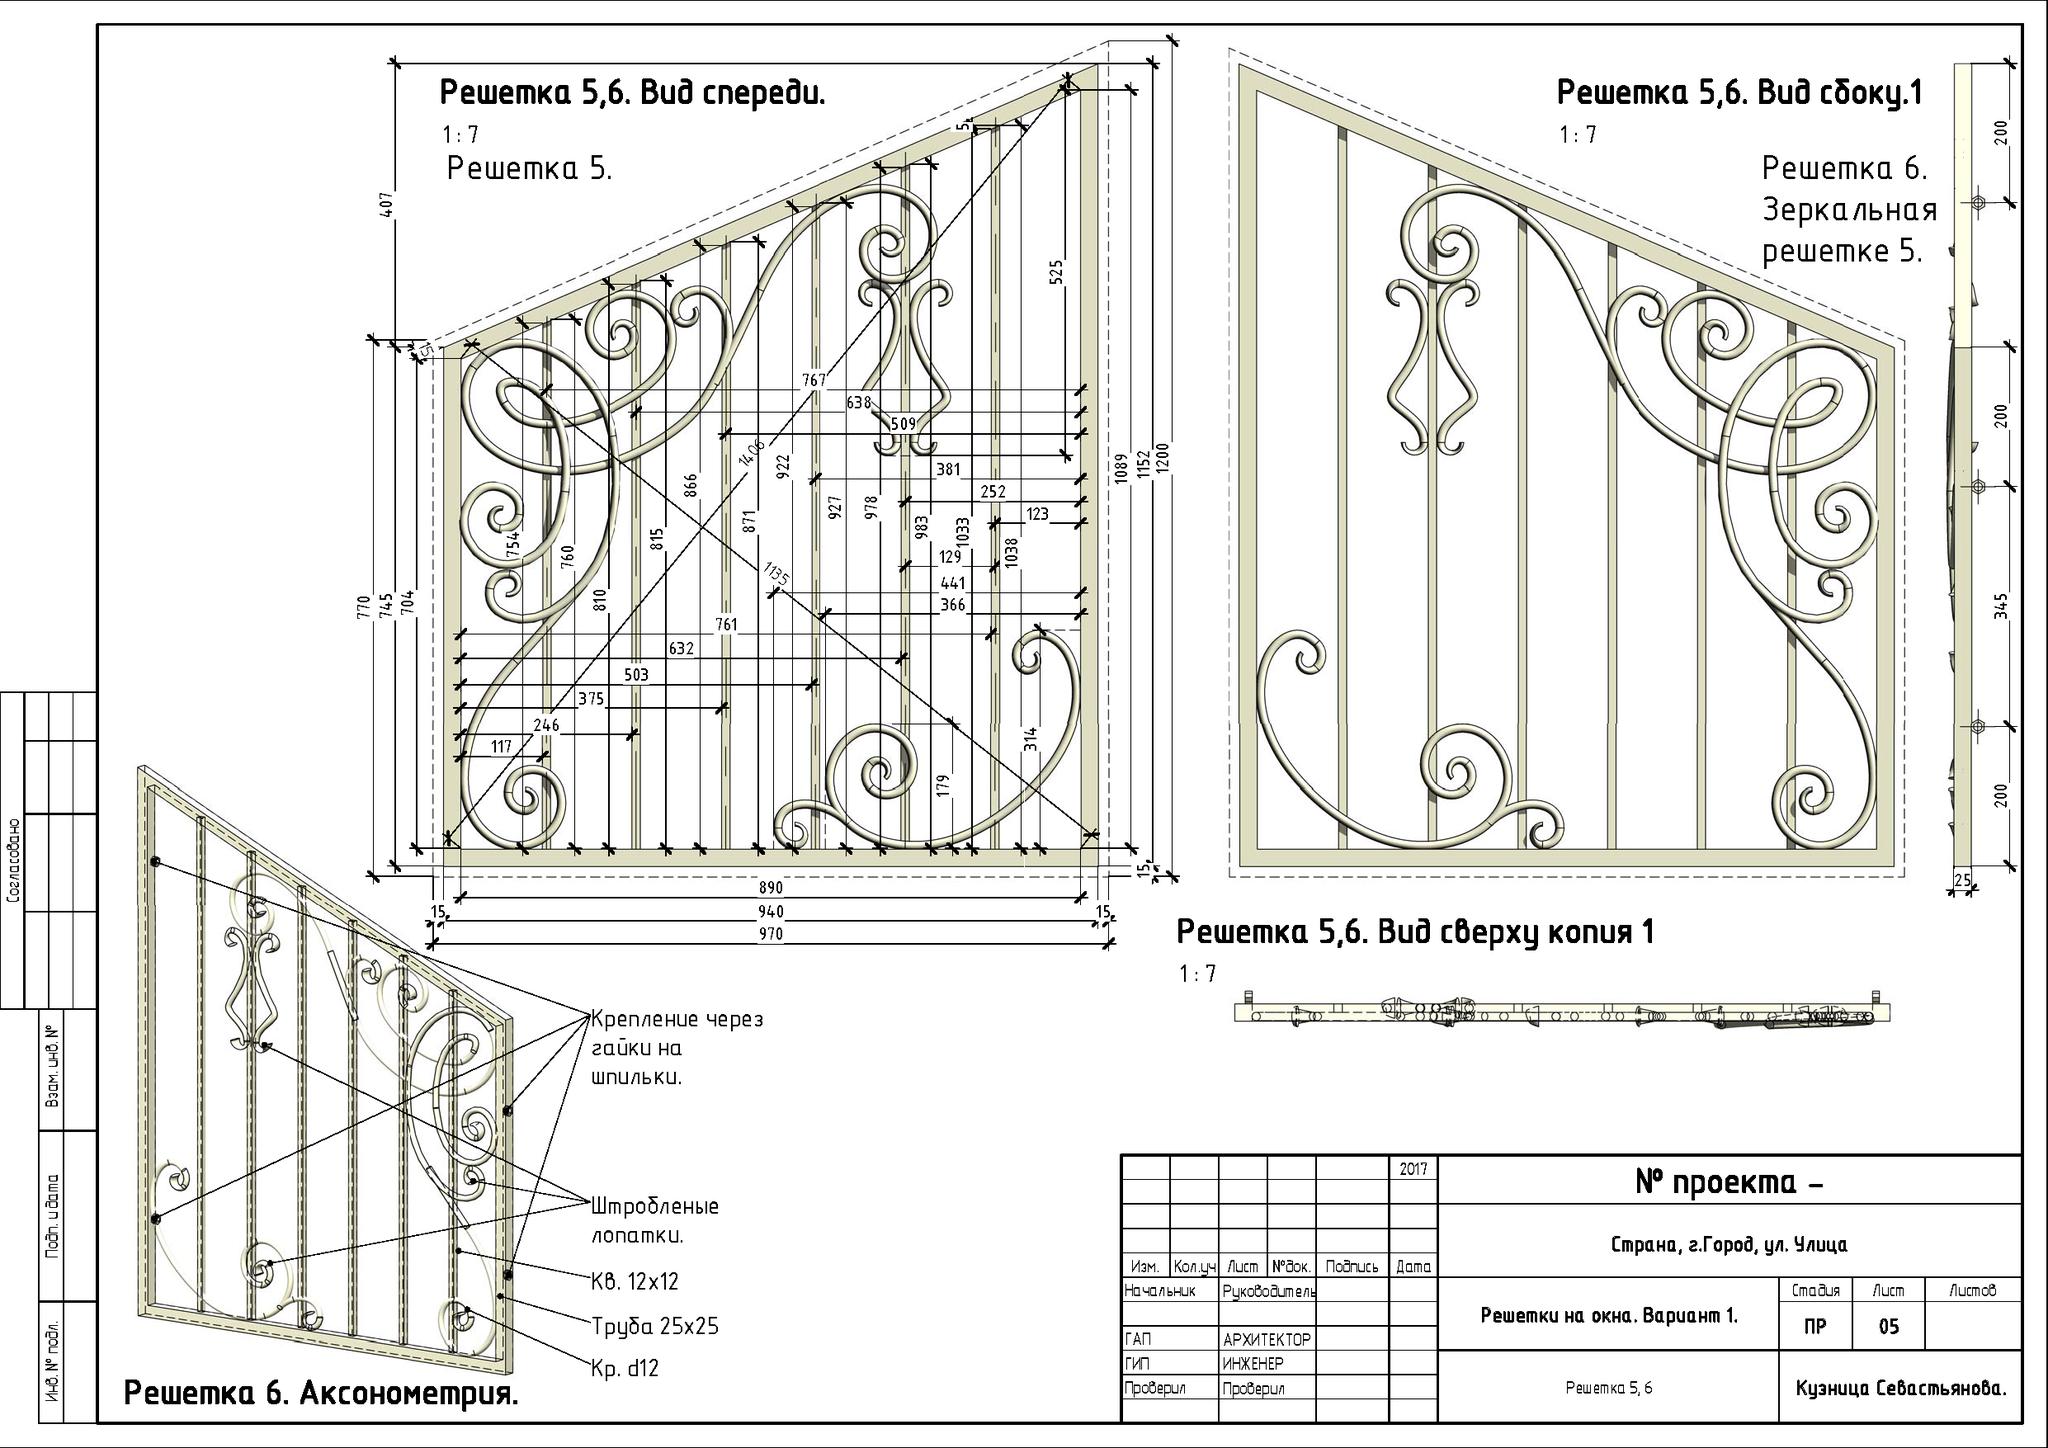 Дизайн декоративных элементов